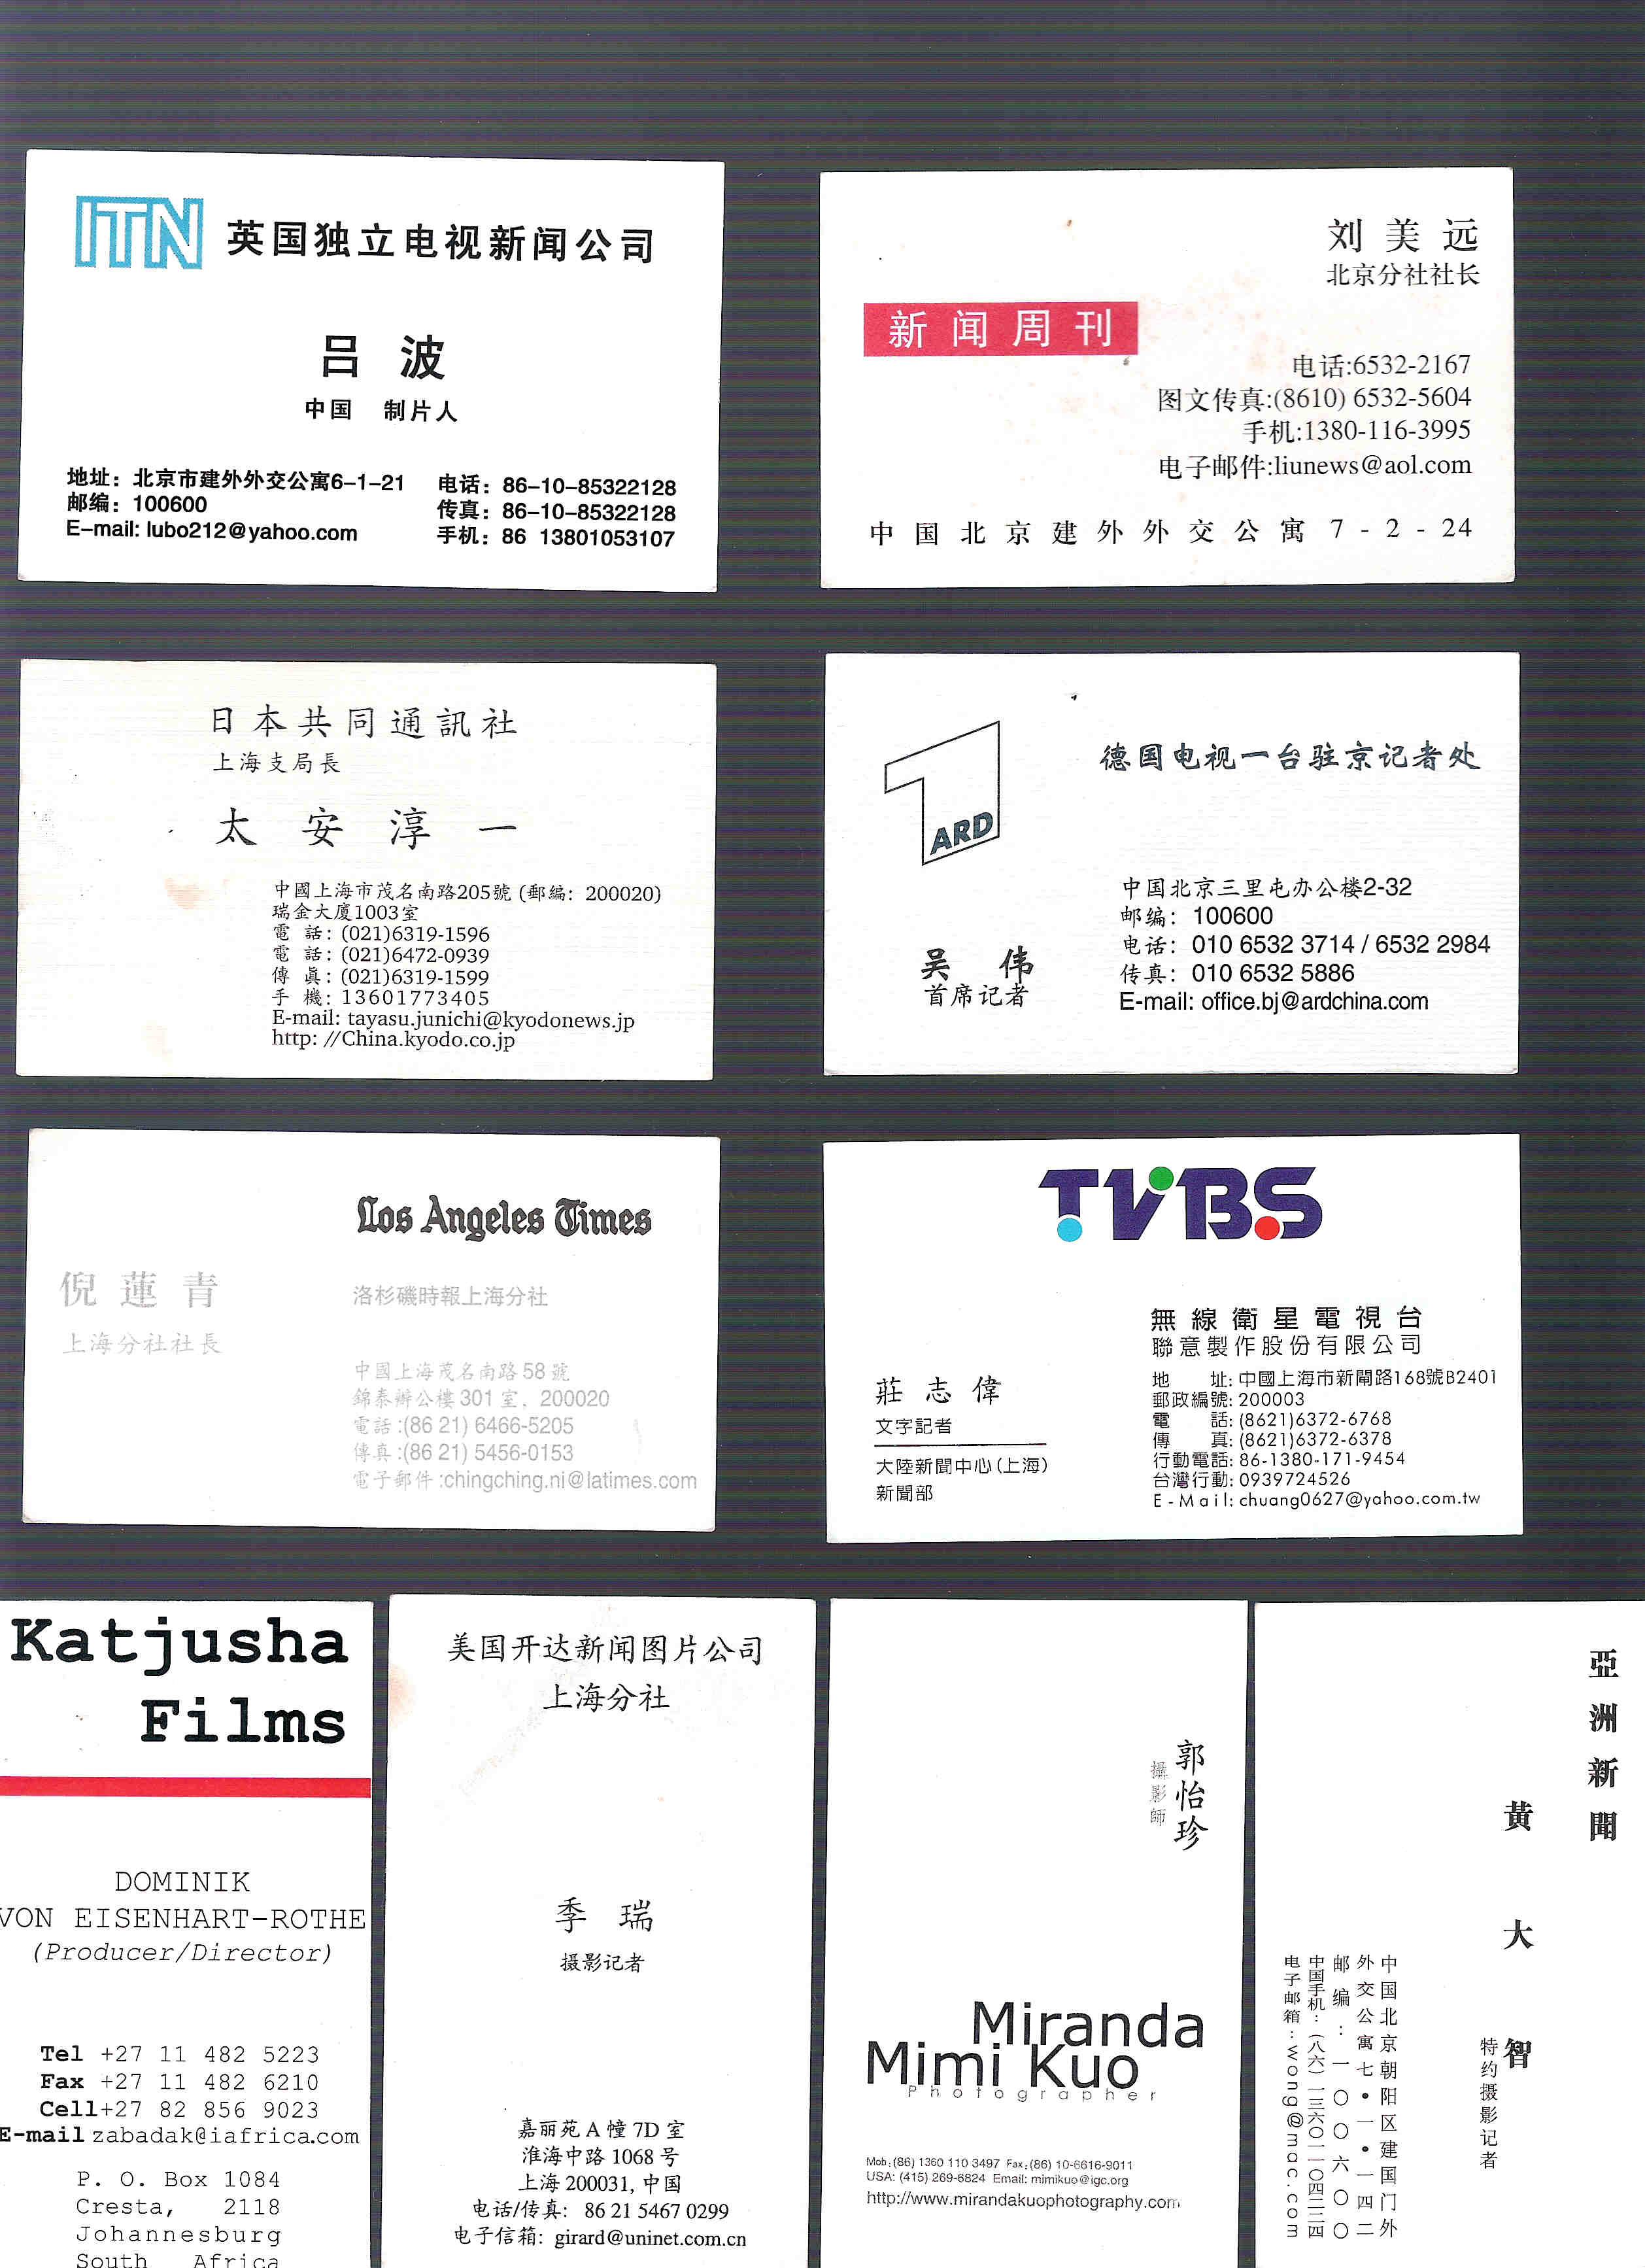 珠海私家调查_山东烟台市政府特邀咨询王国群被调查原因_上海私家调查咨询